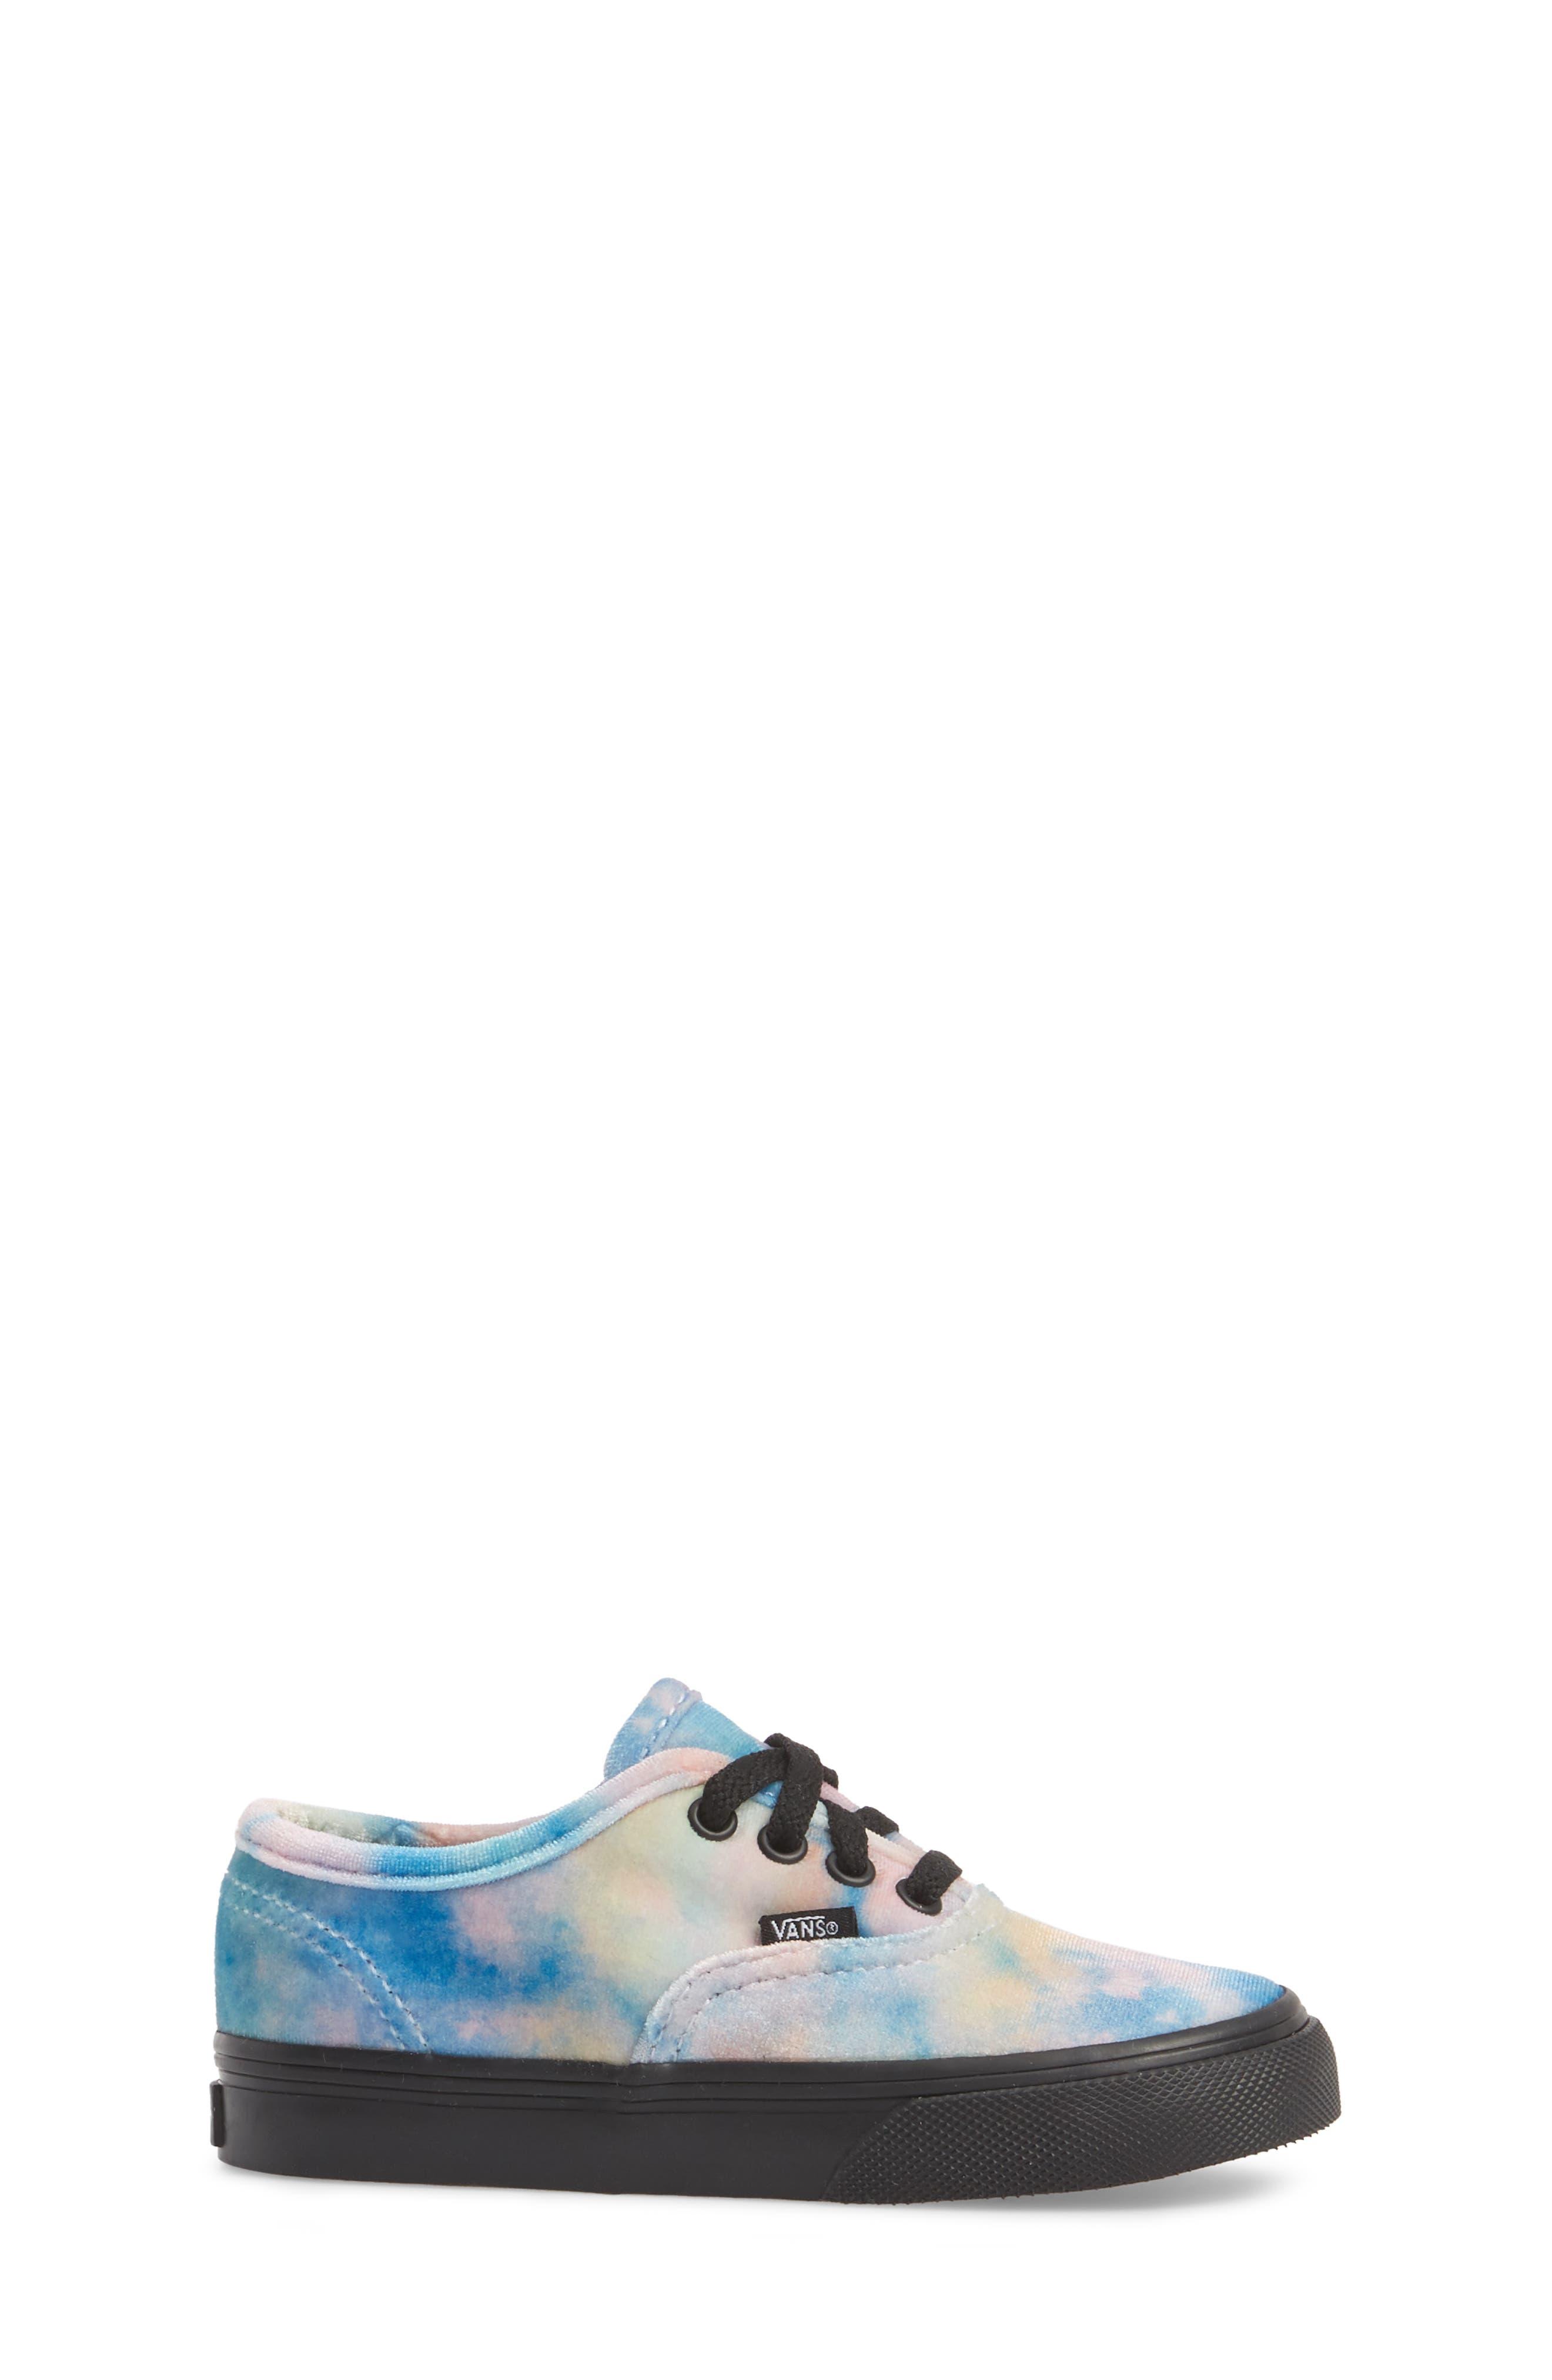 Authentic Velvet Tie Dye Sneaker,                             Alternate thumbnail 3, color,                             Black/ Multi Velvet Tie Dye